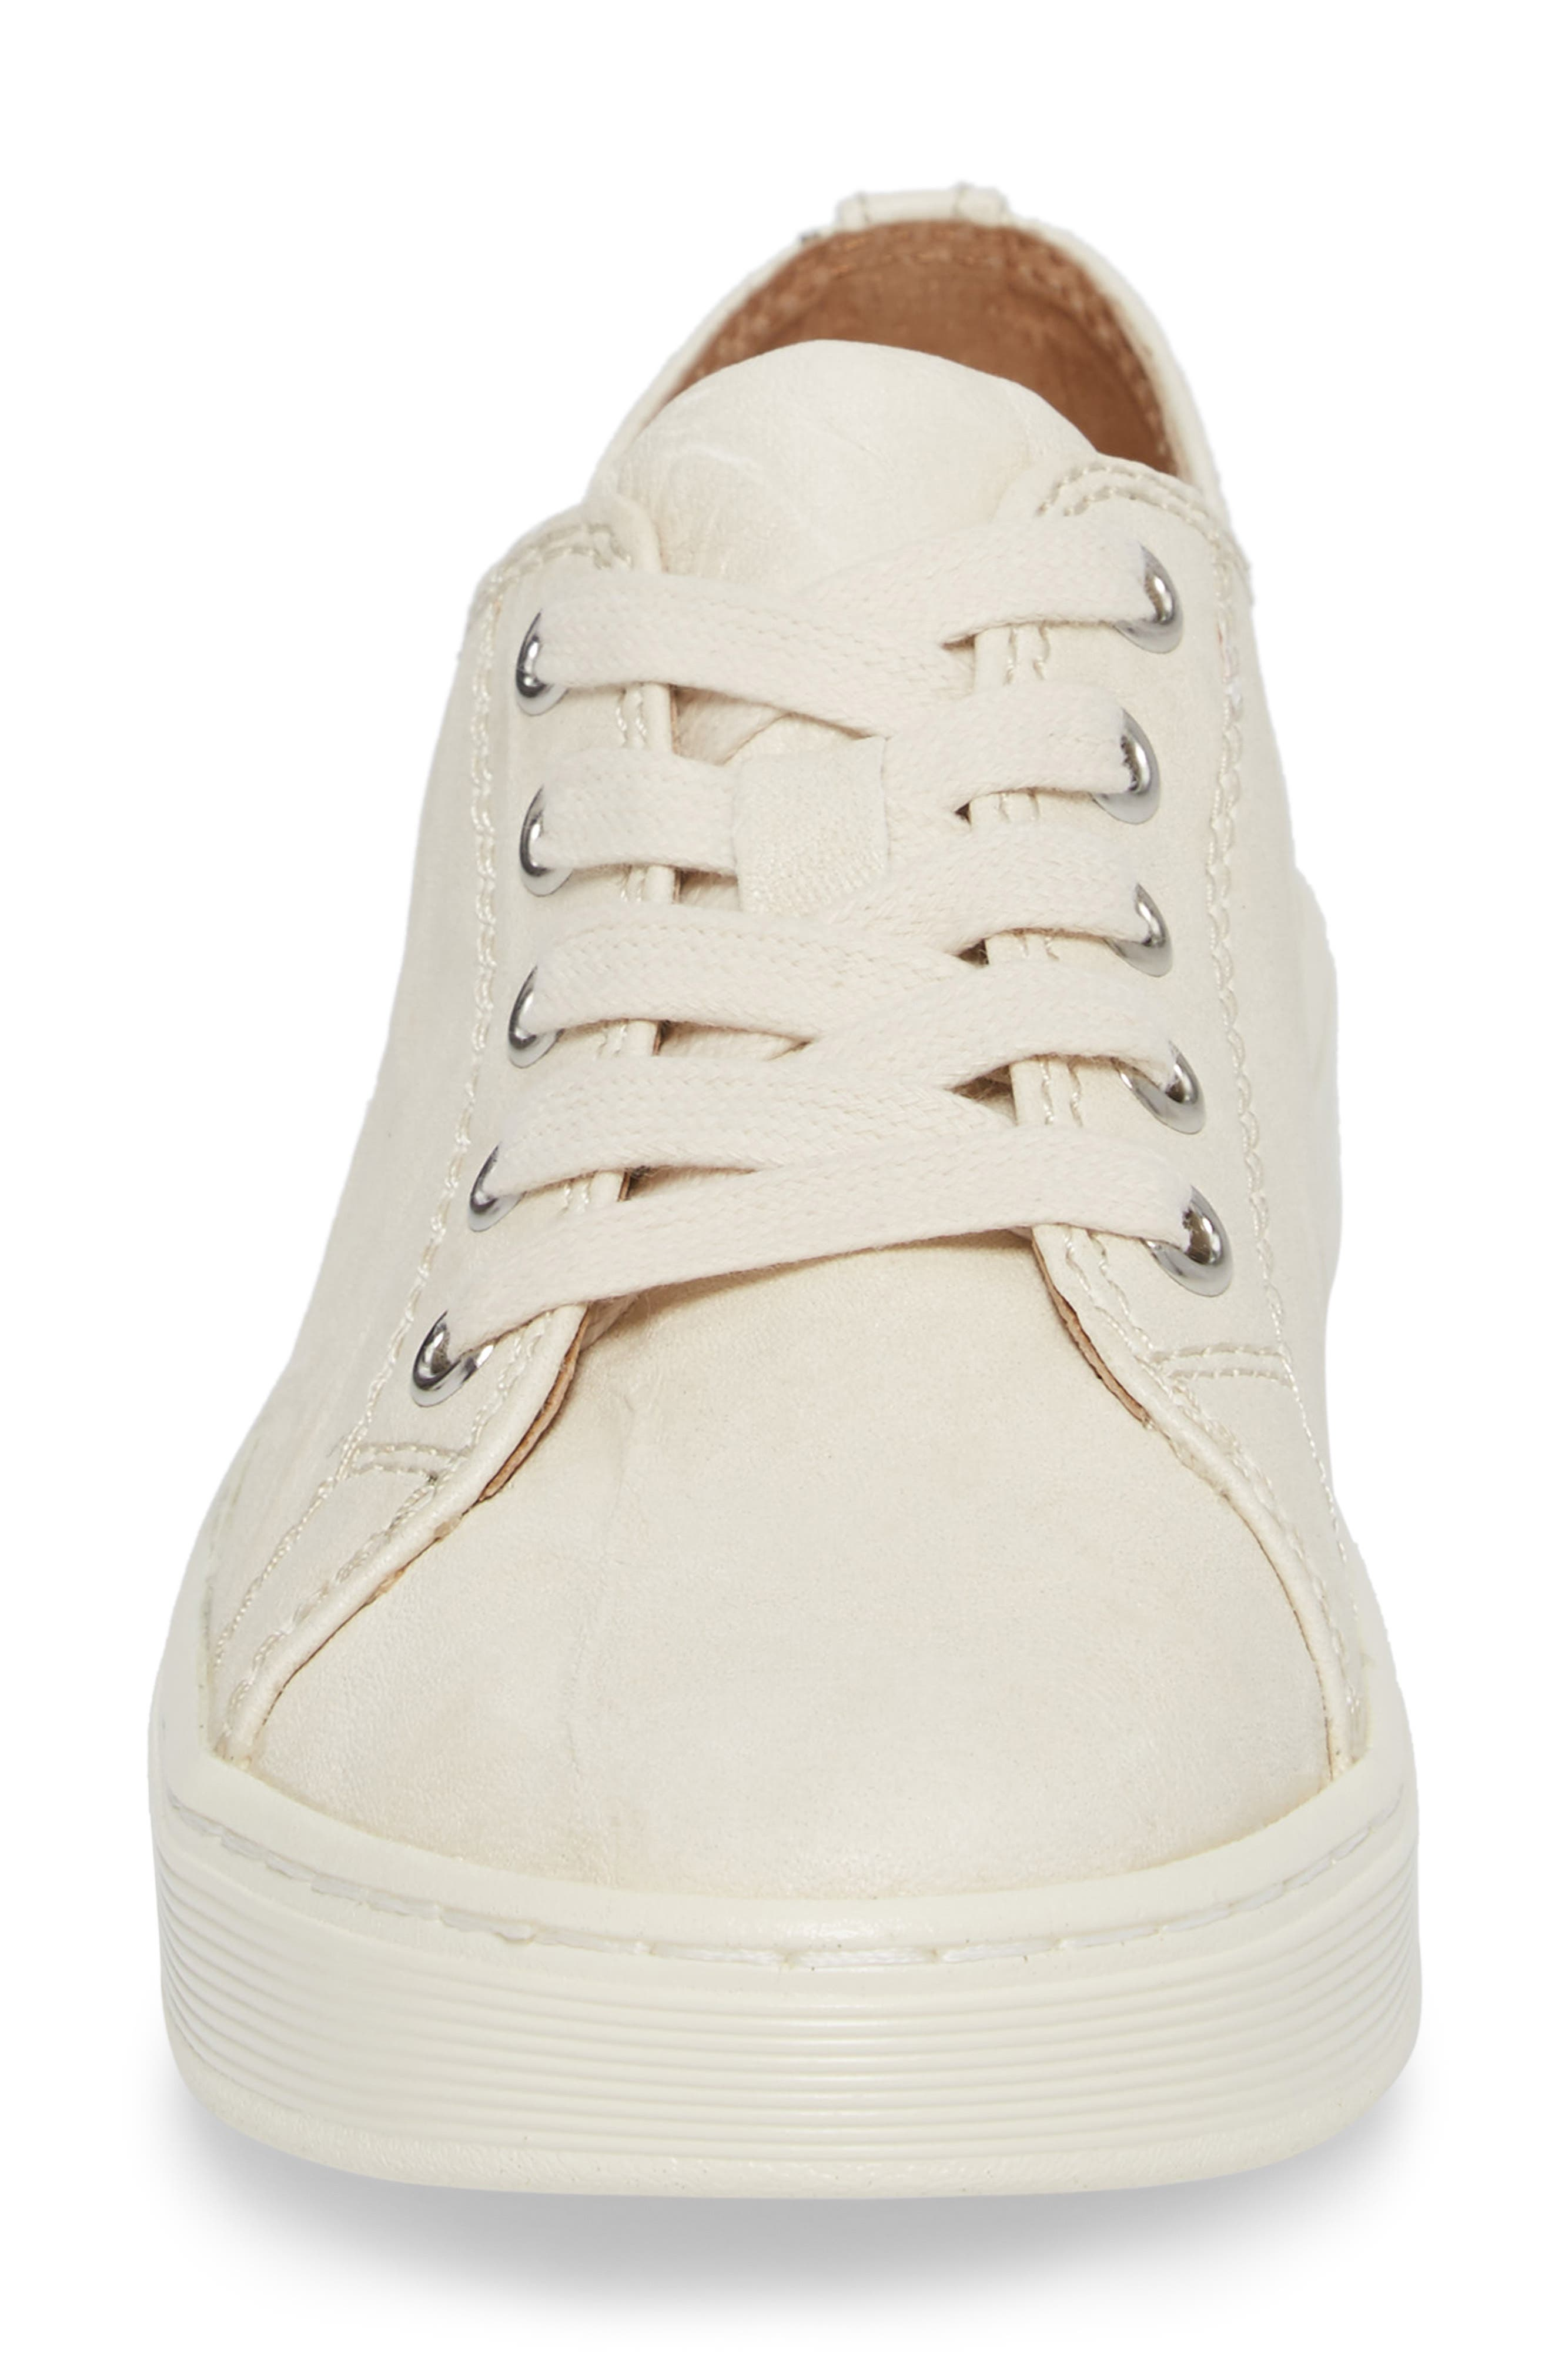 Baltazar Sneaker,                             Alternate thumbnail 4, color,                             Latte Leather